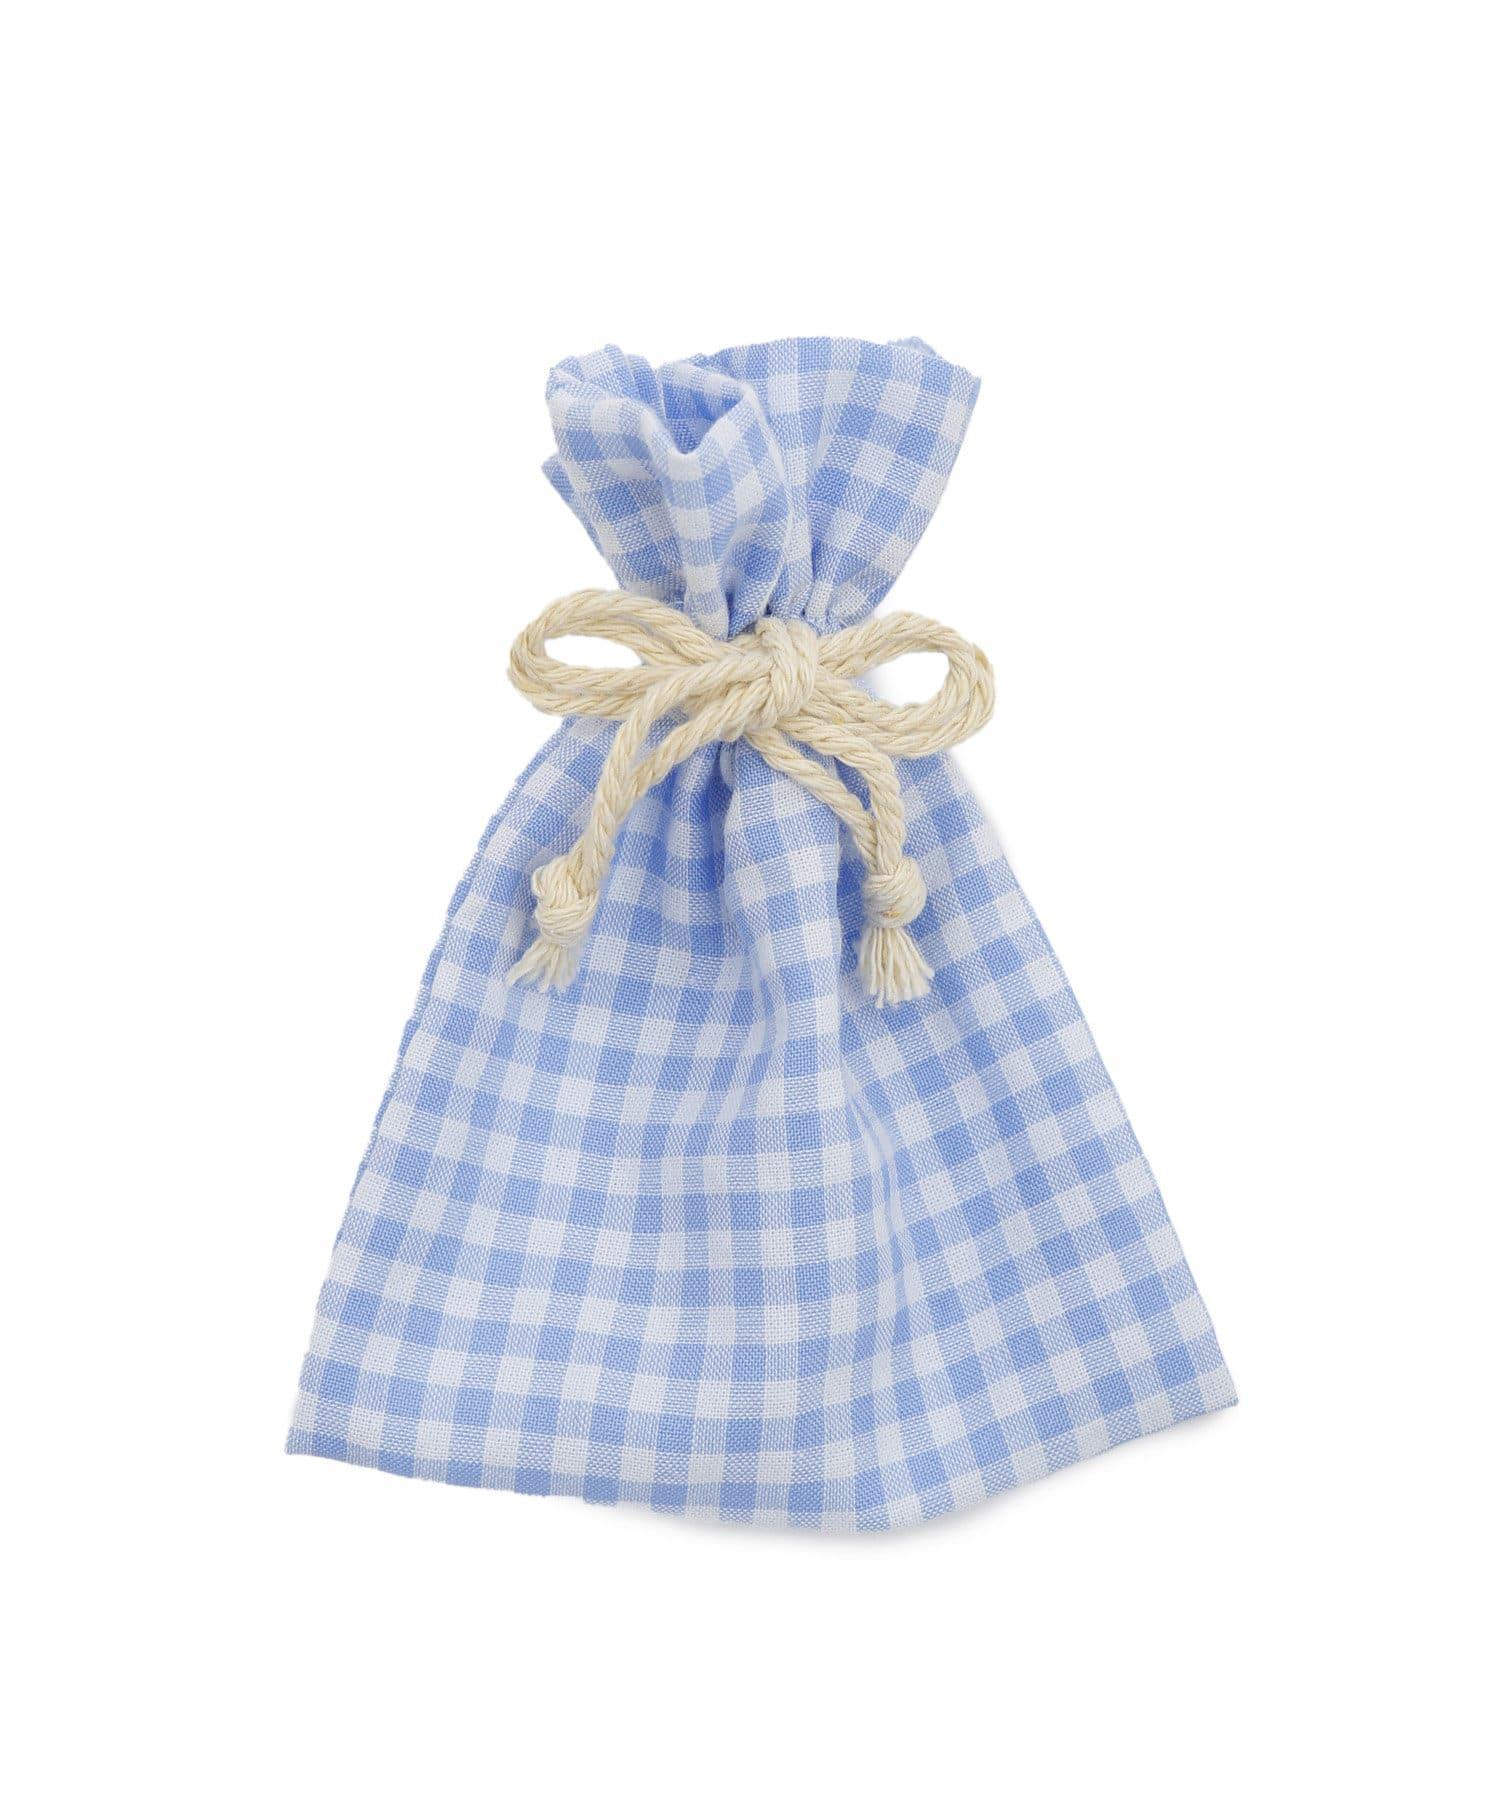 PAL CLOSET ONLINE STOREで買える「Lattice(ラティス Lattice(ラティス 【WEB限定】ギンガムチェック巾着ポーチS ブルー」の画像です。価格は110円になります。